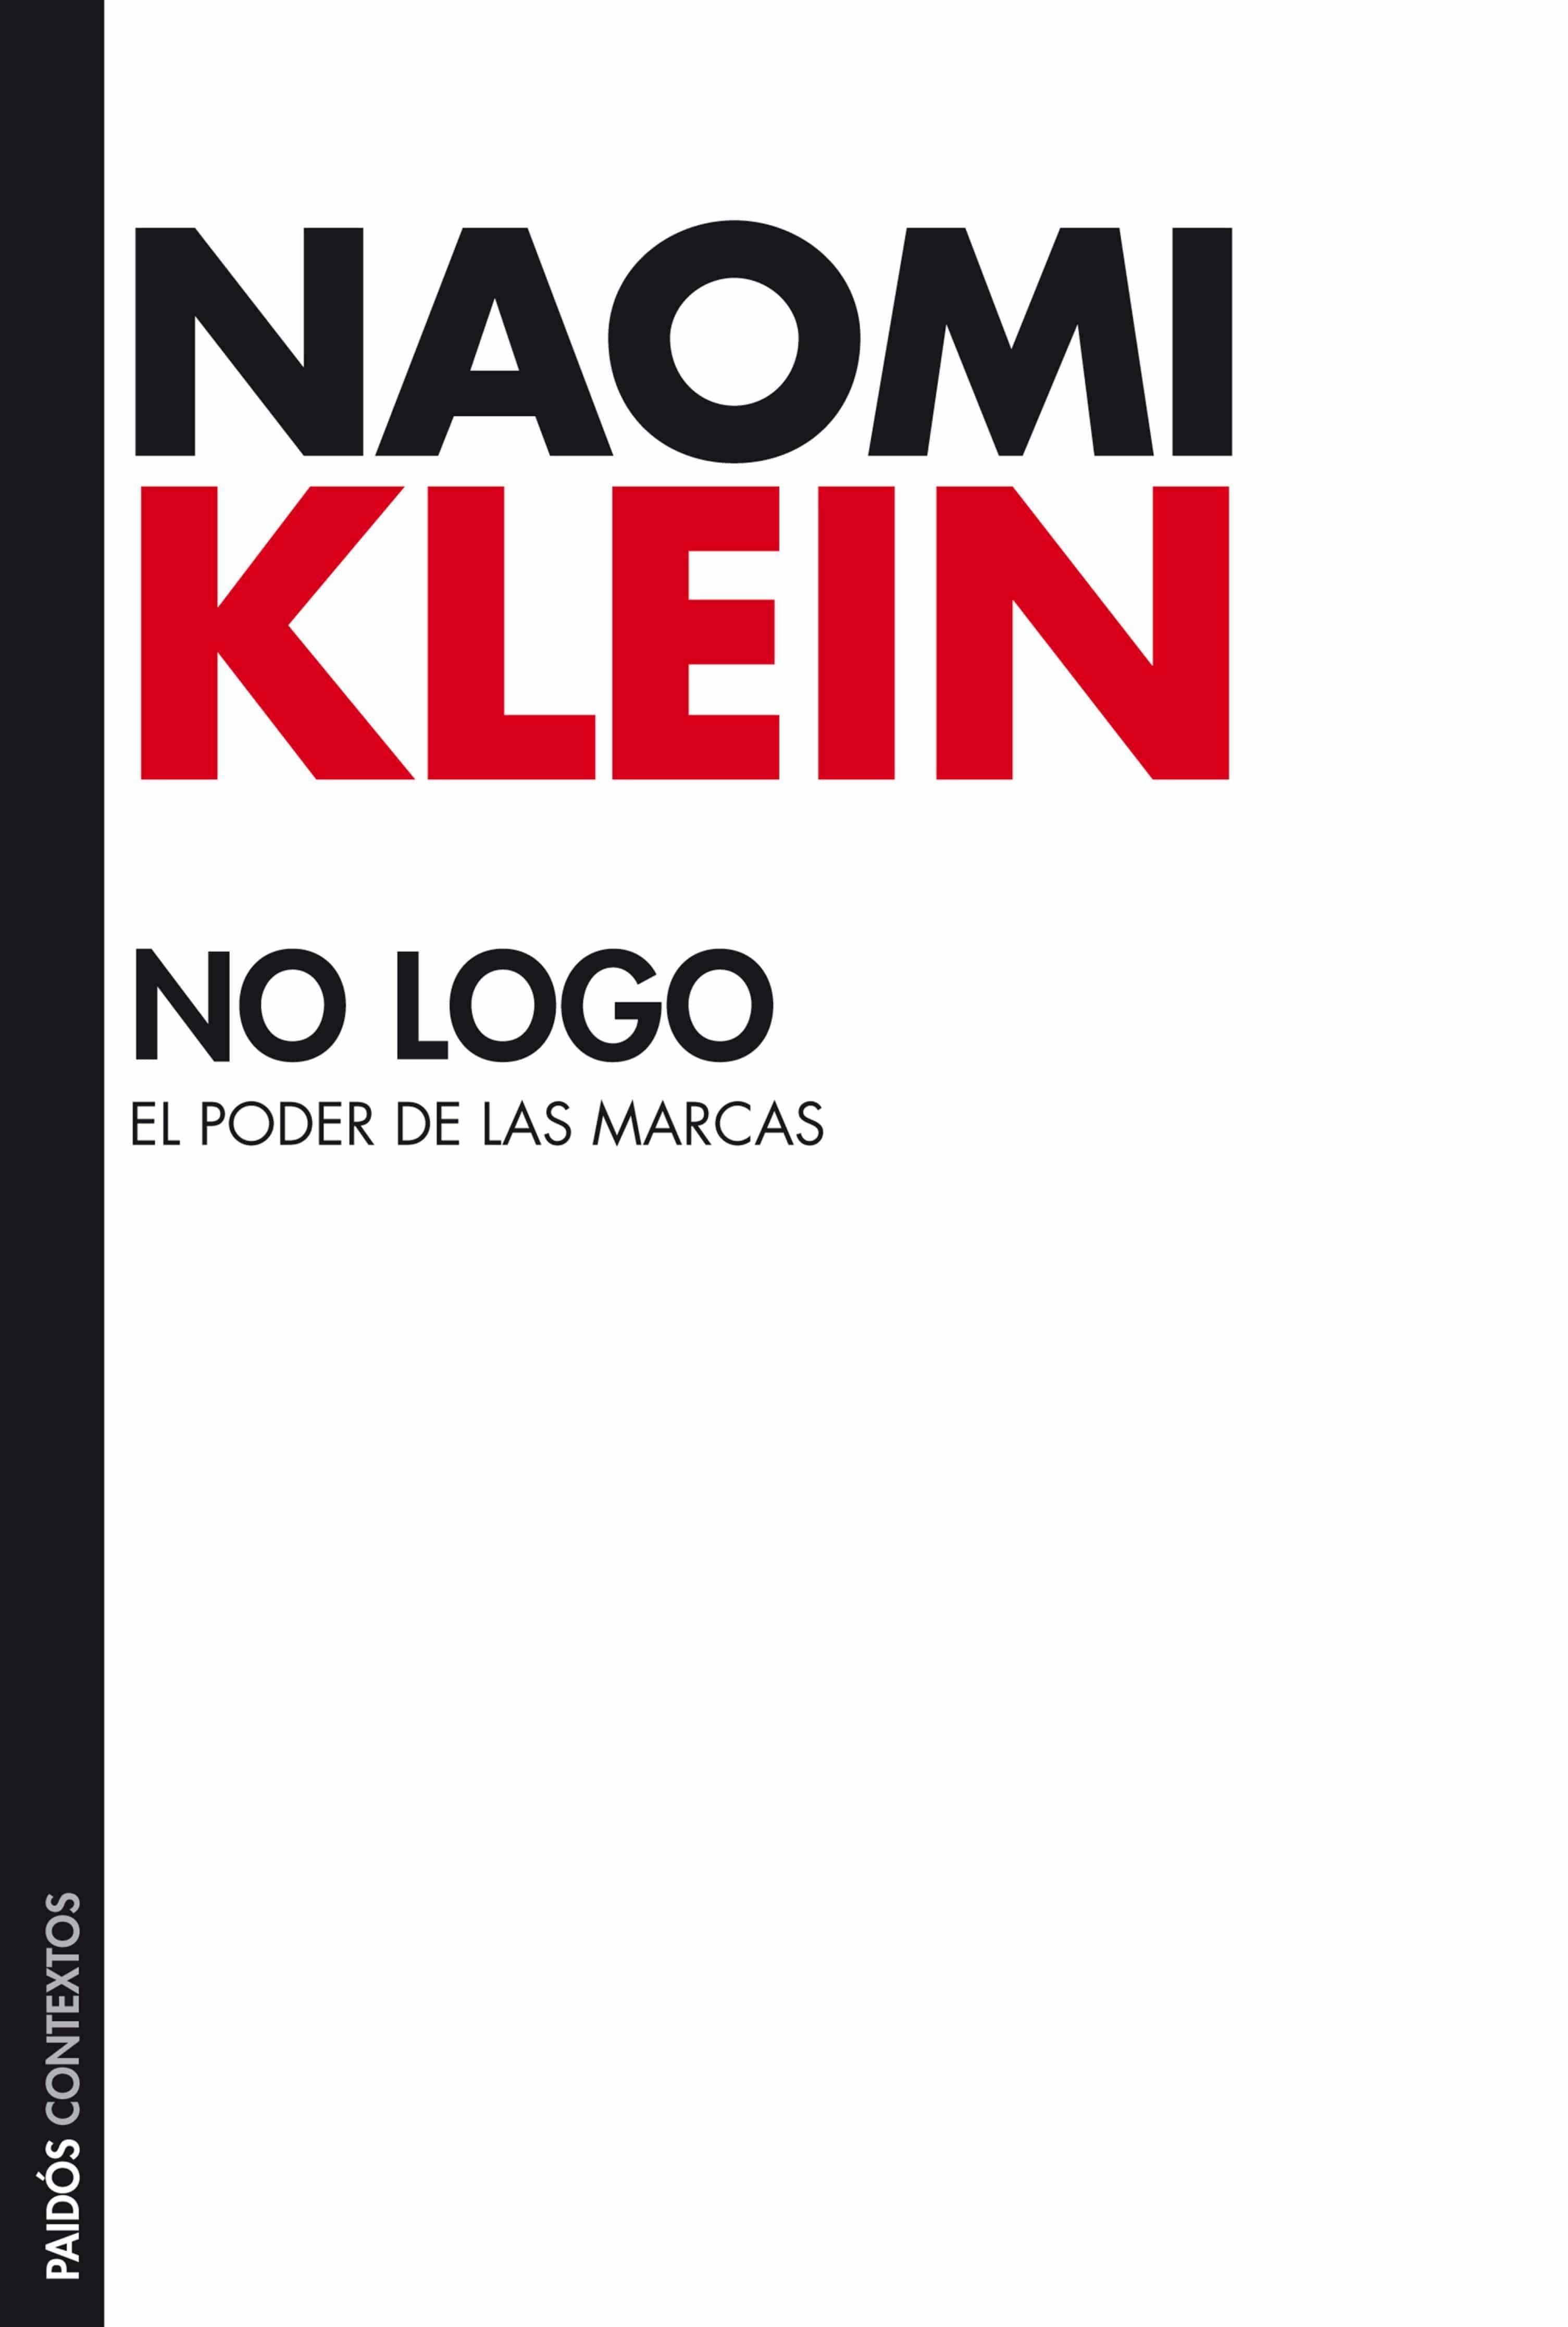 no logo ebook naomi klein descargar libro pdf o epub 9788449330391